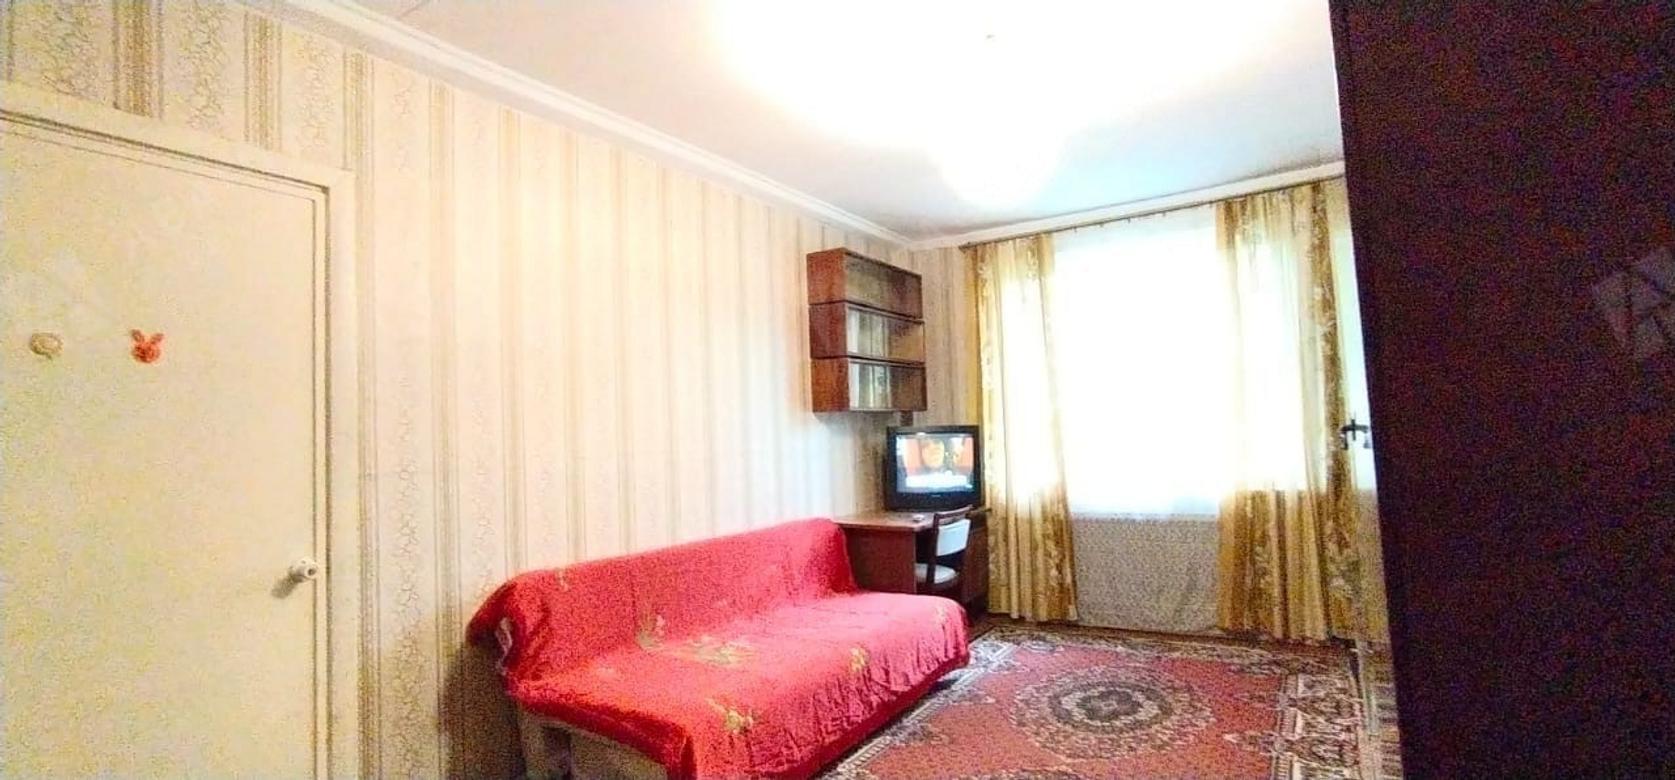 1-комнатная квартира, Дальневосточный пр-кт, 72 - фото 1